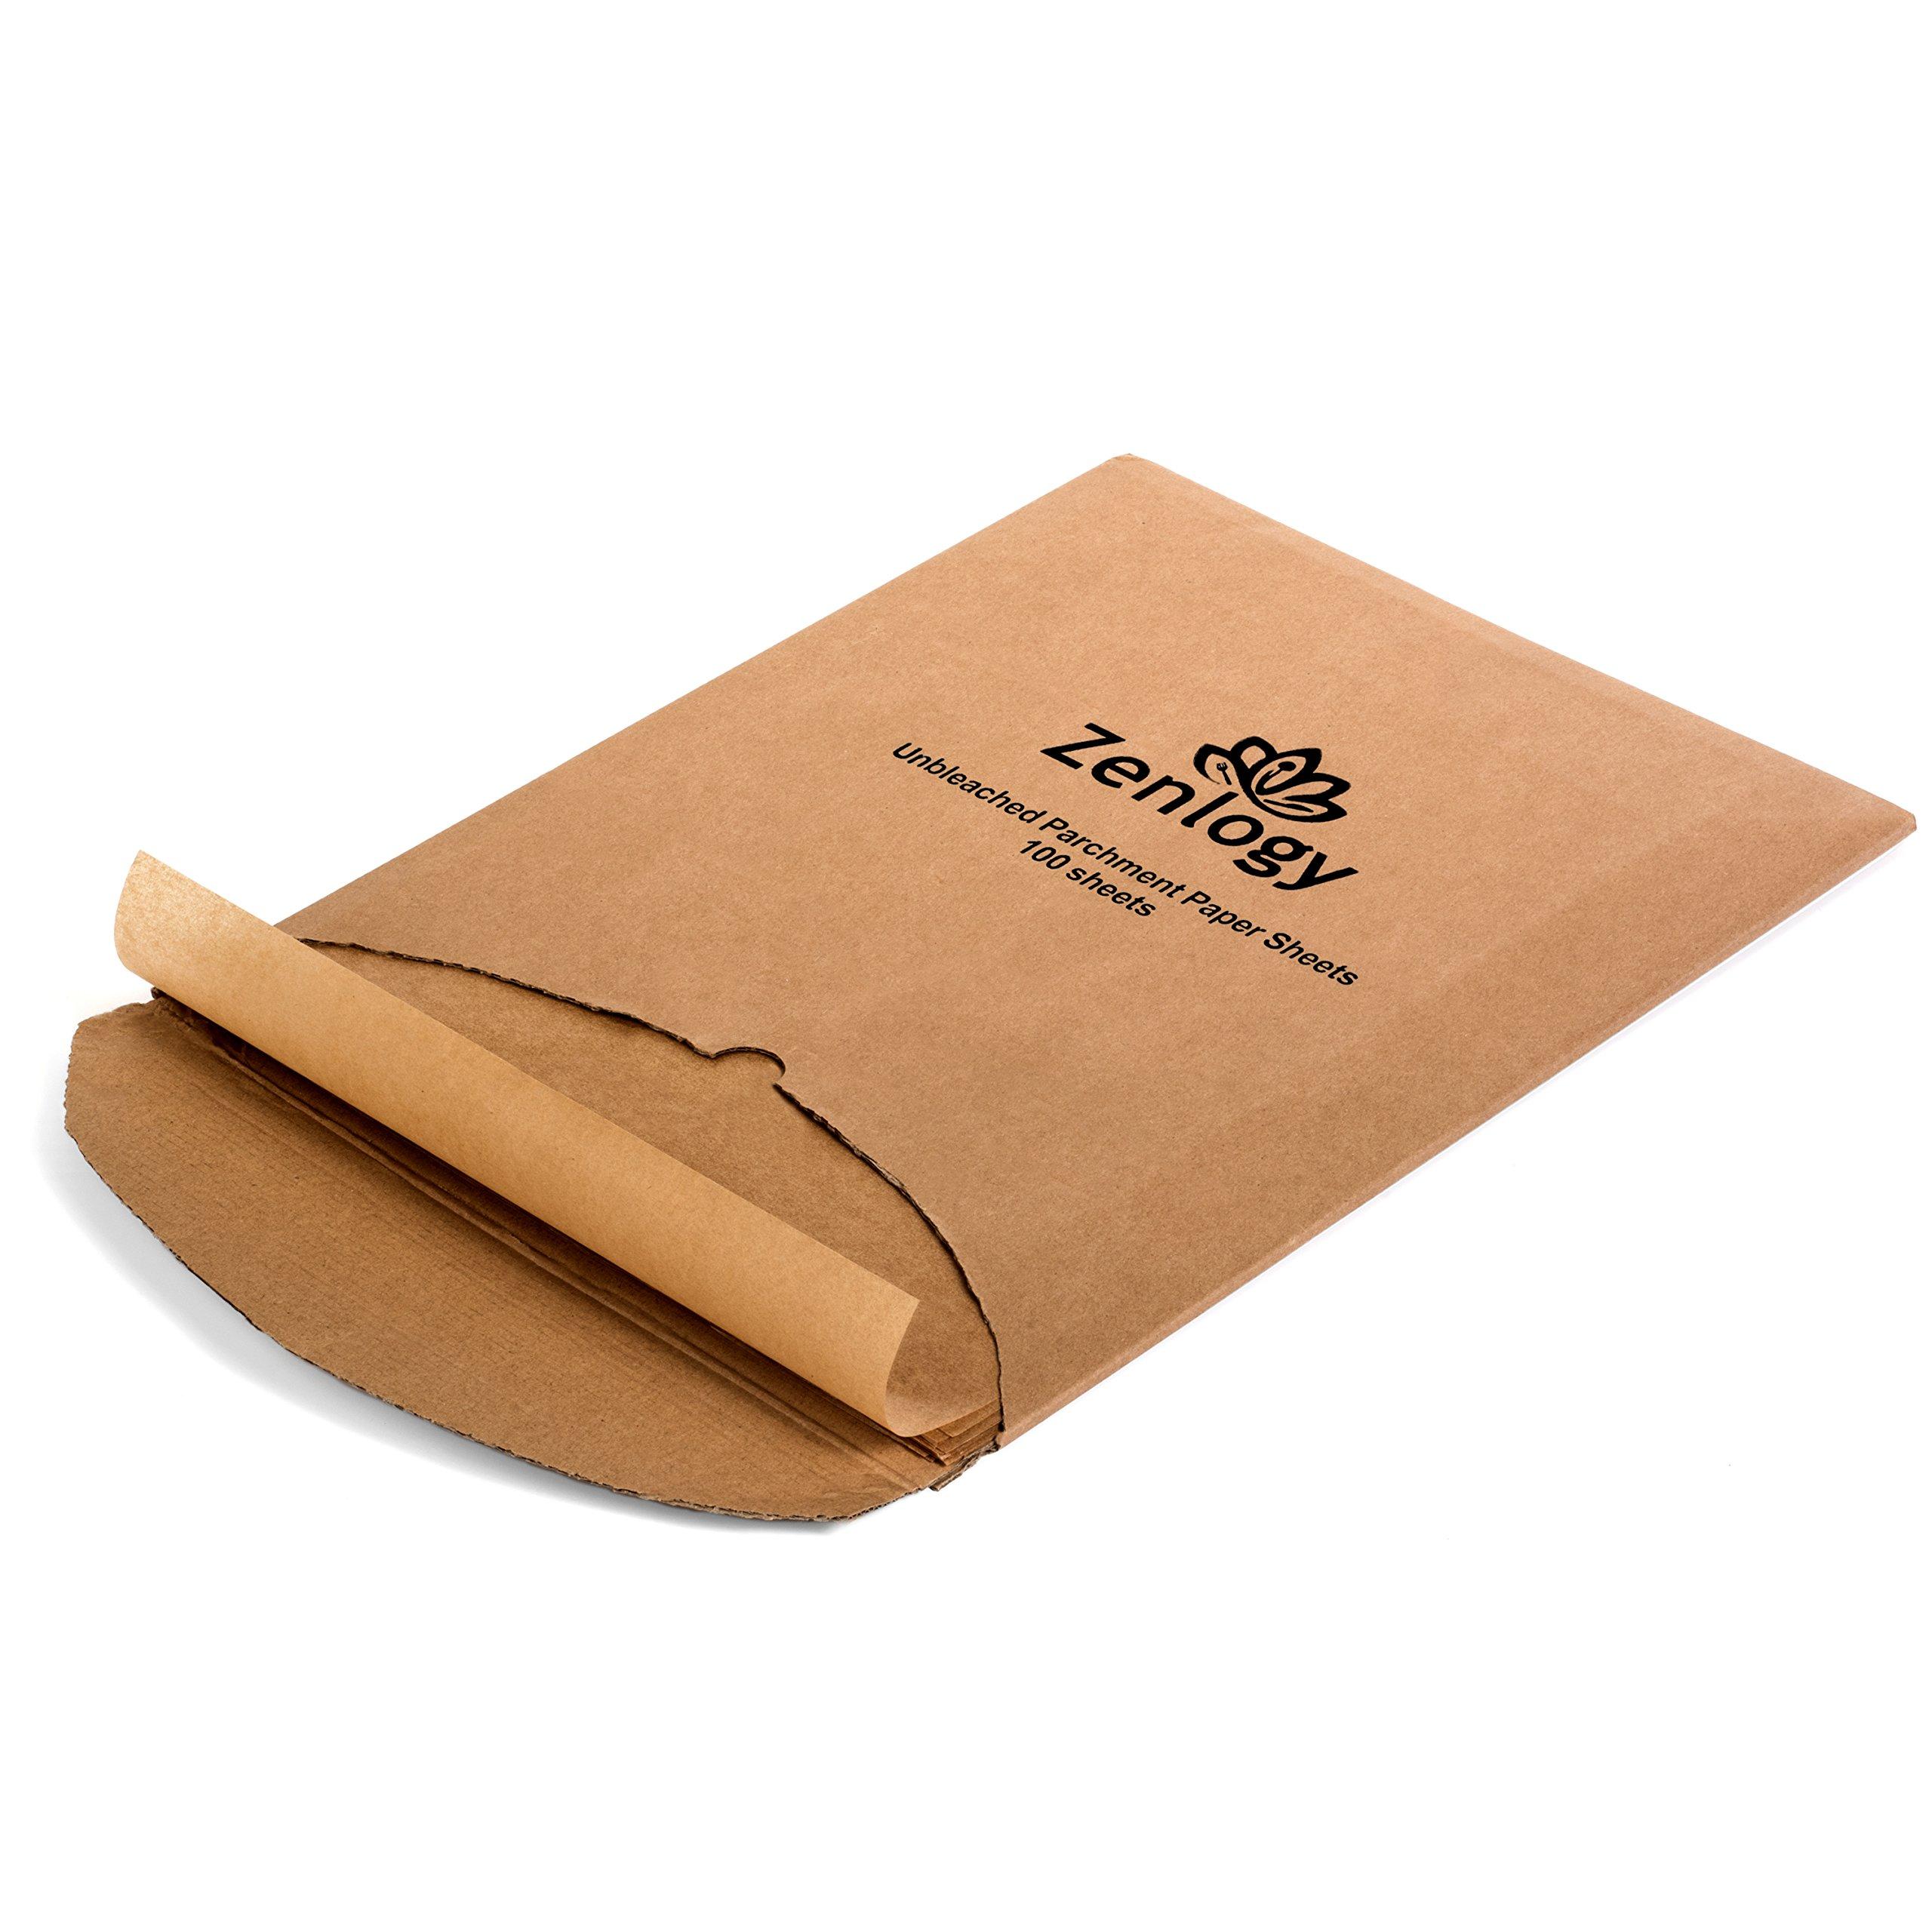 Zenlogy 12x16 Unbleached Parchment Paper Baking Sheets (100 Pcs) - Exact Fit for Your Half Sheet Pans …